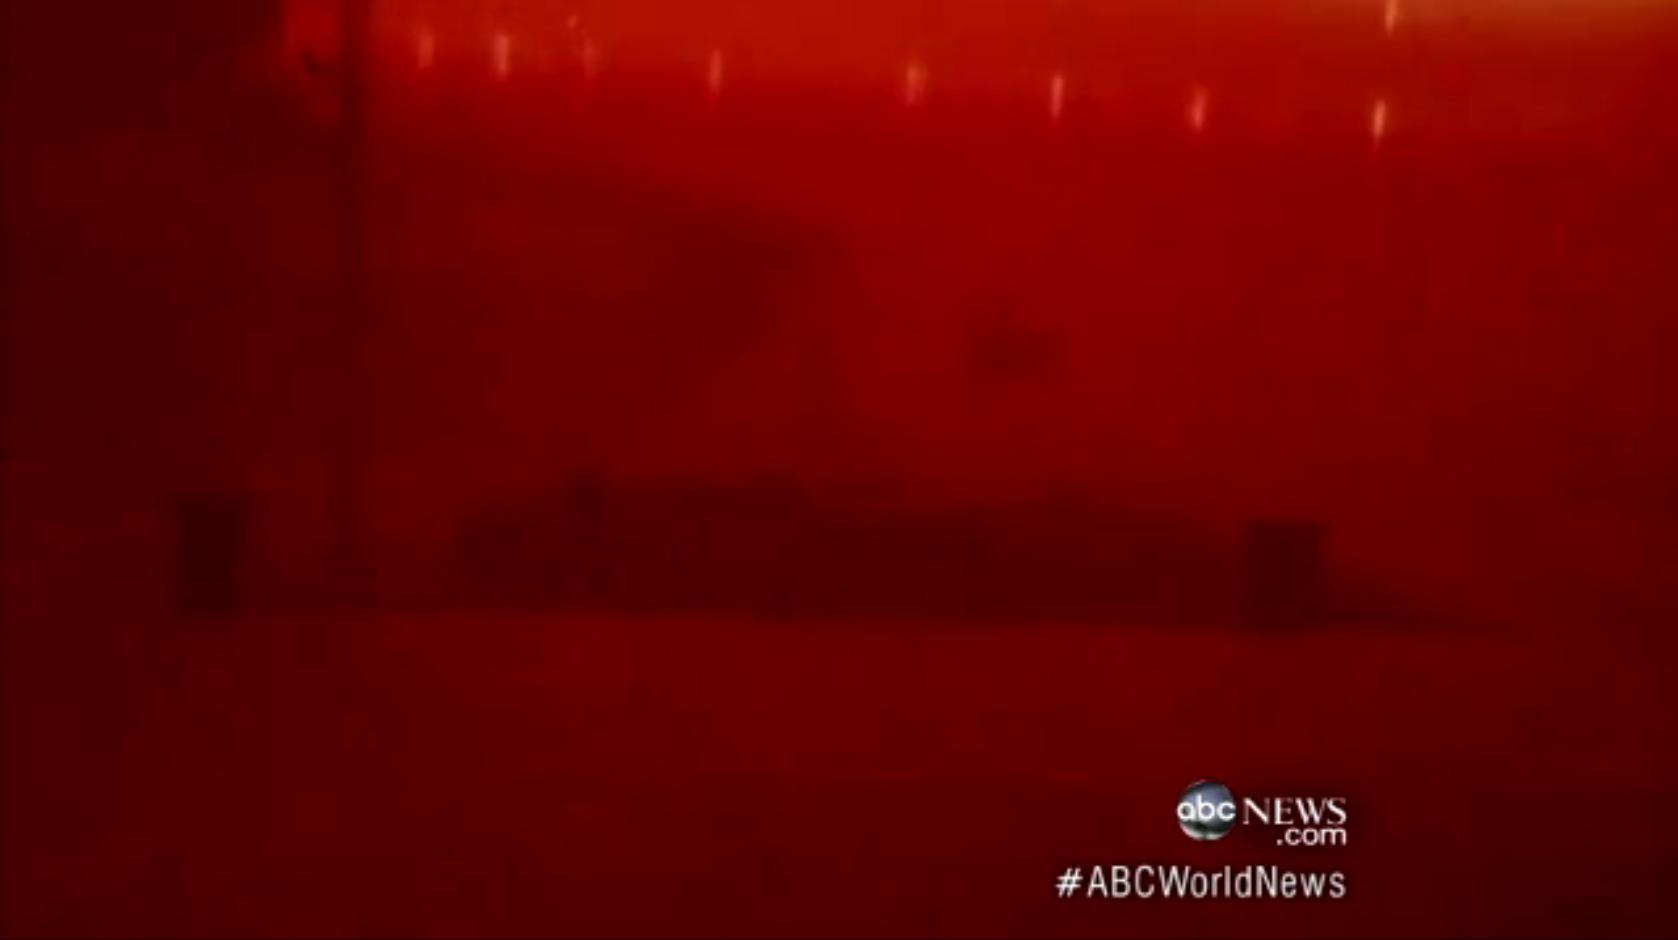 アリゾナにダストストーム発生 世の中が真っ赤になる映像